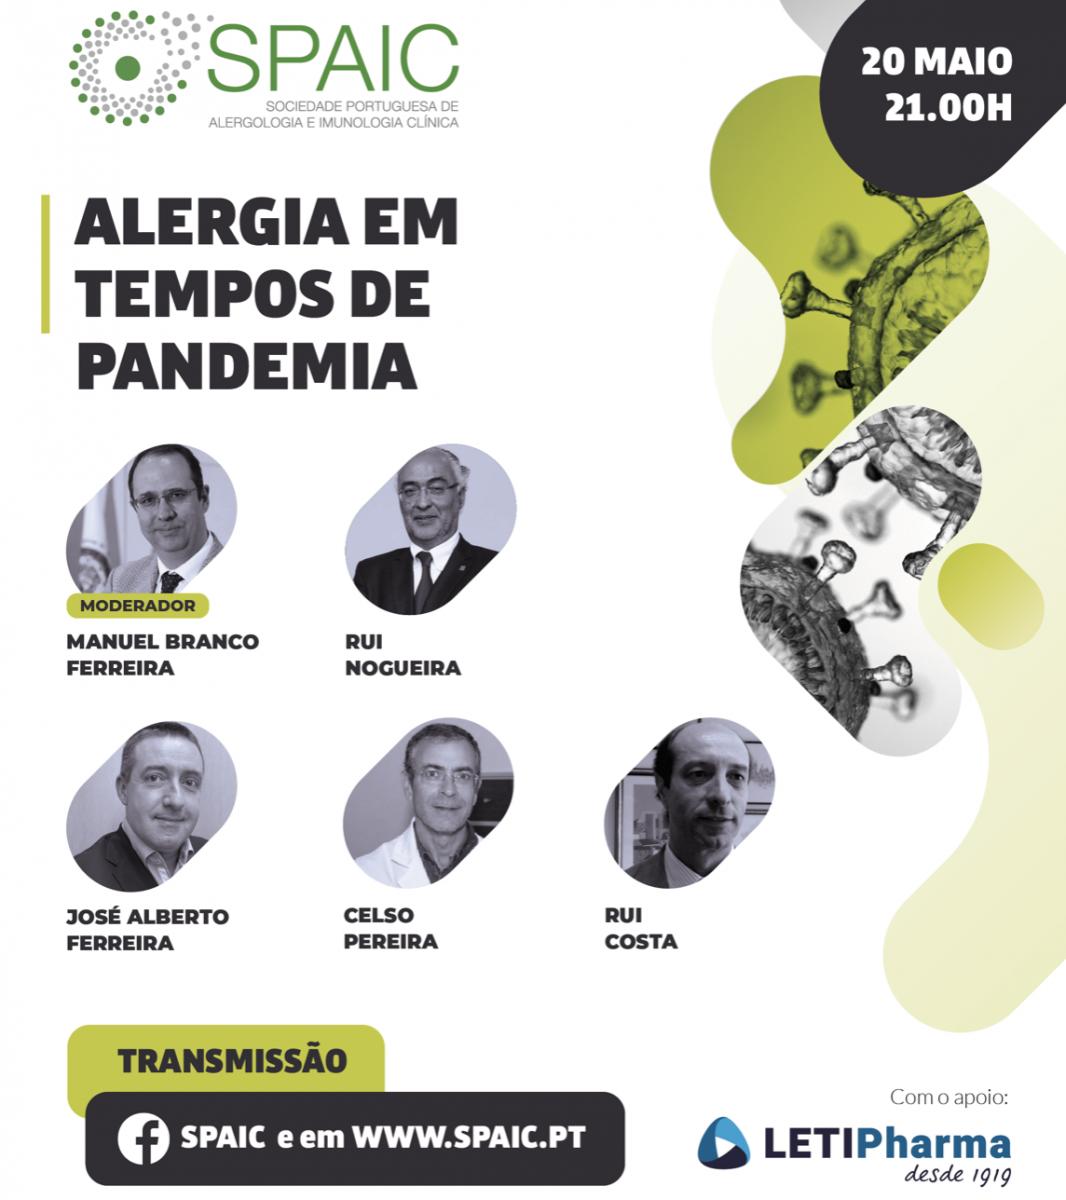 Webinar 20 Maio - Alergia em Tempos de Pandemia